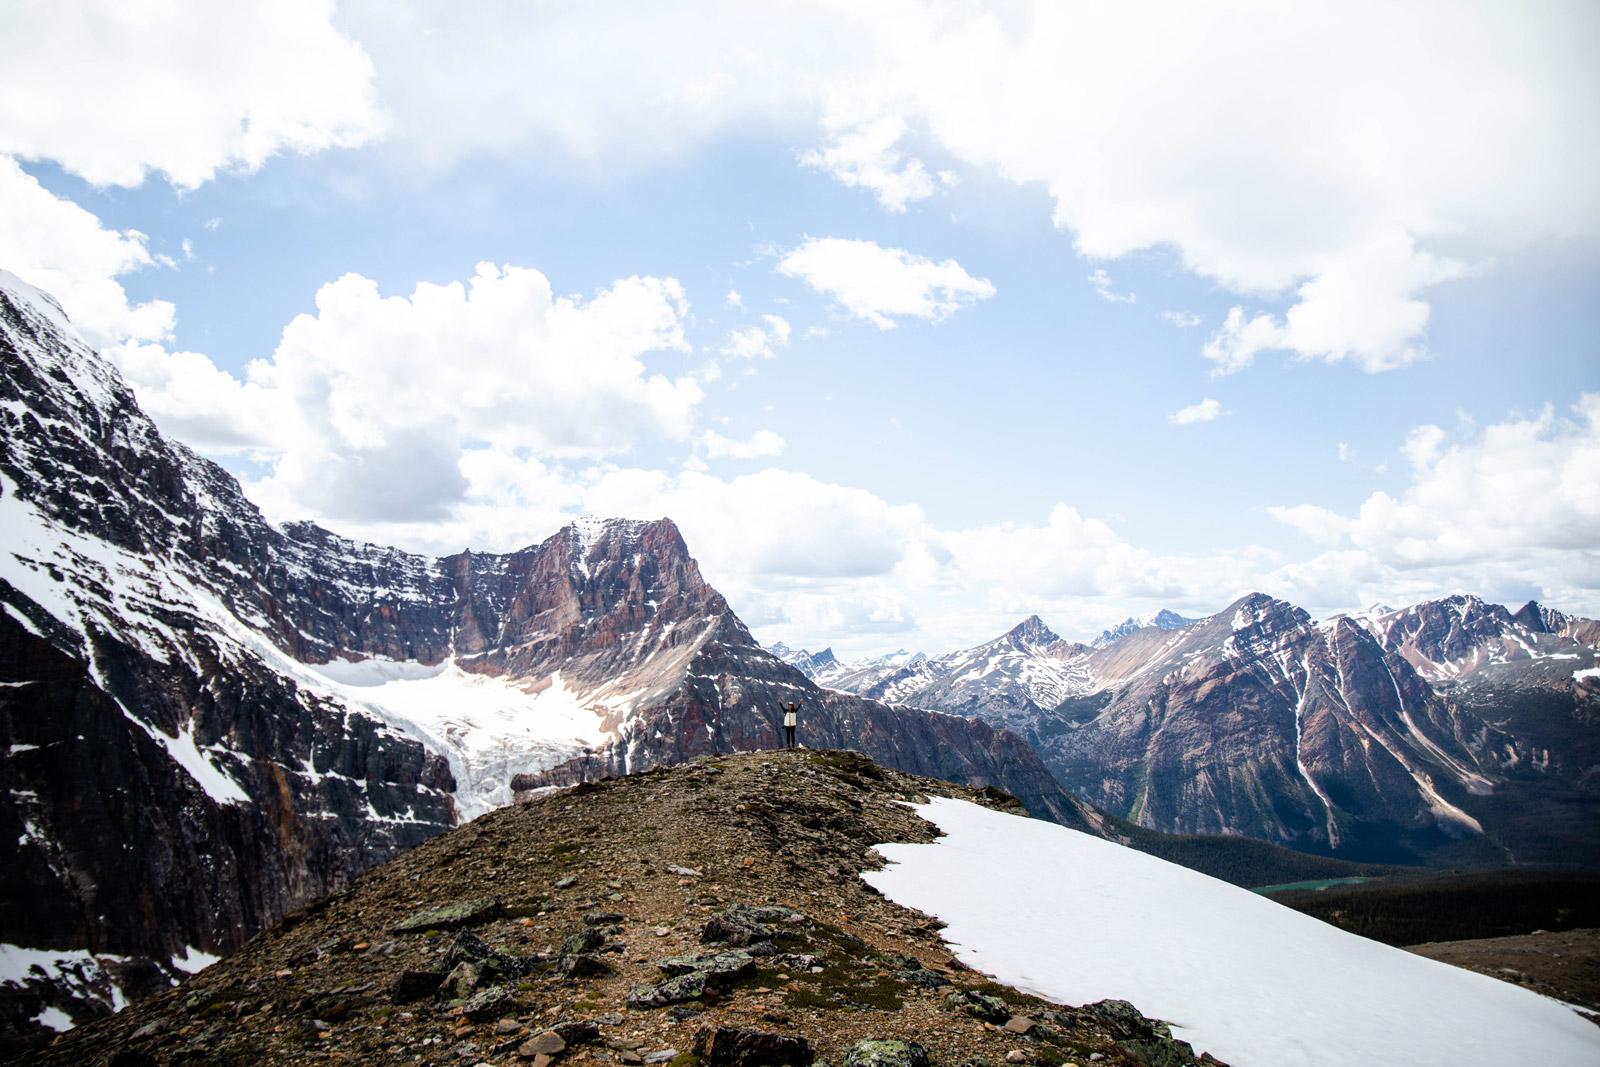 randonnée-dans-les-rocheuses-canadiennes-mont-edith-cavell